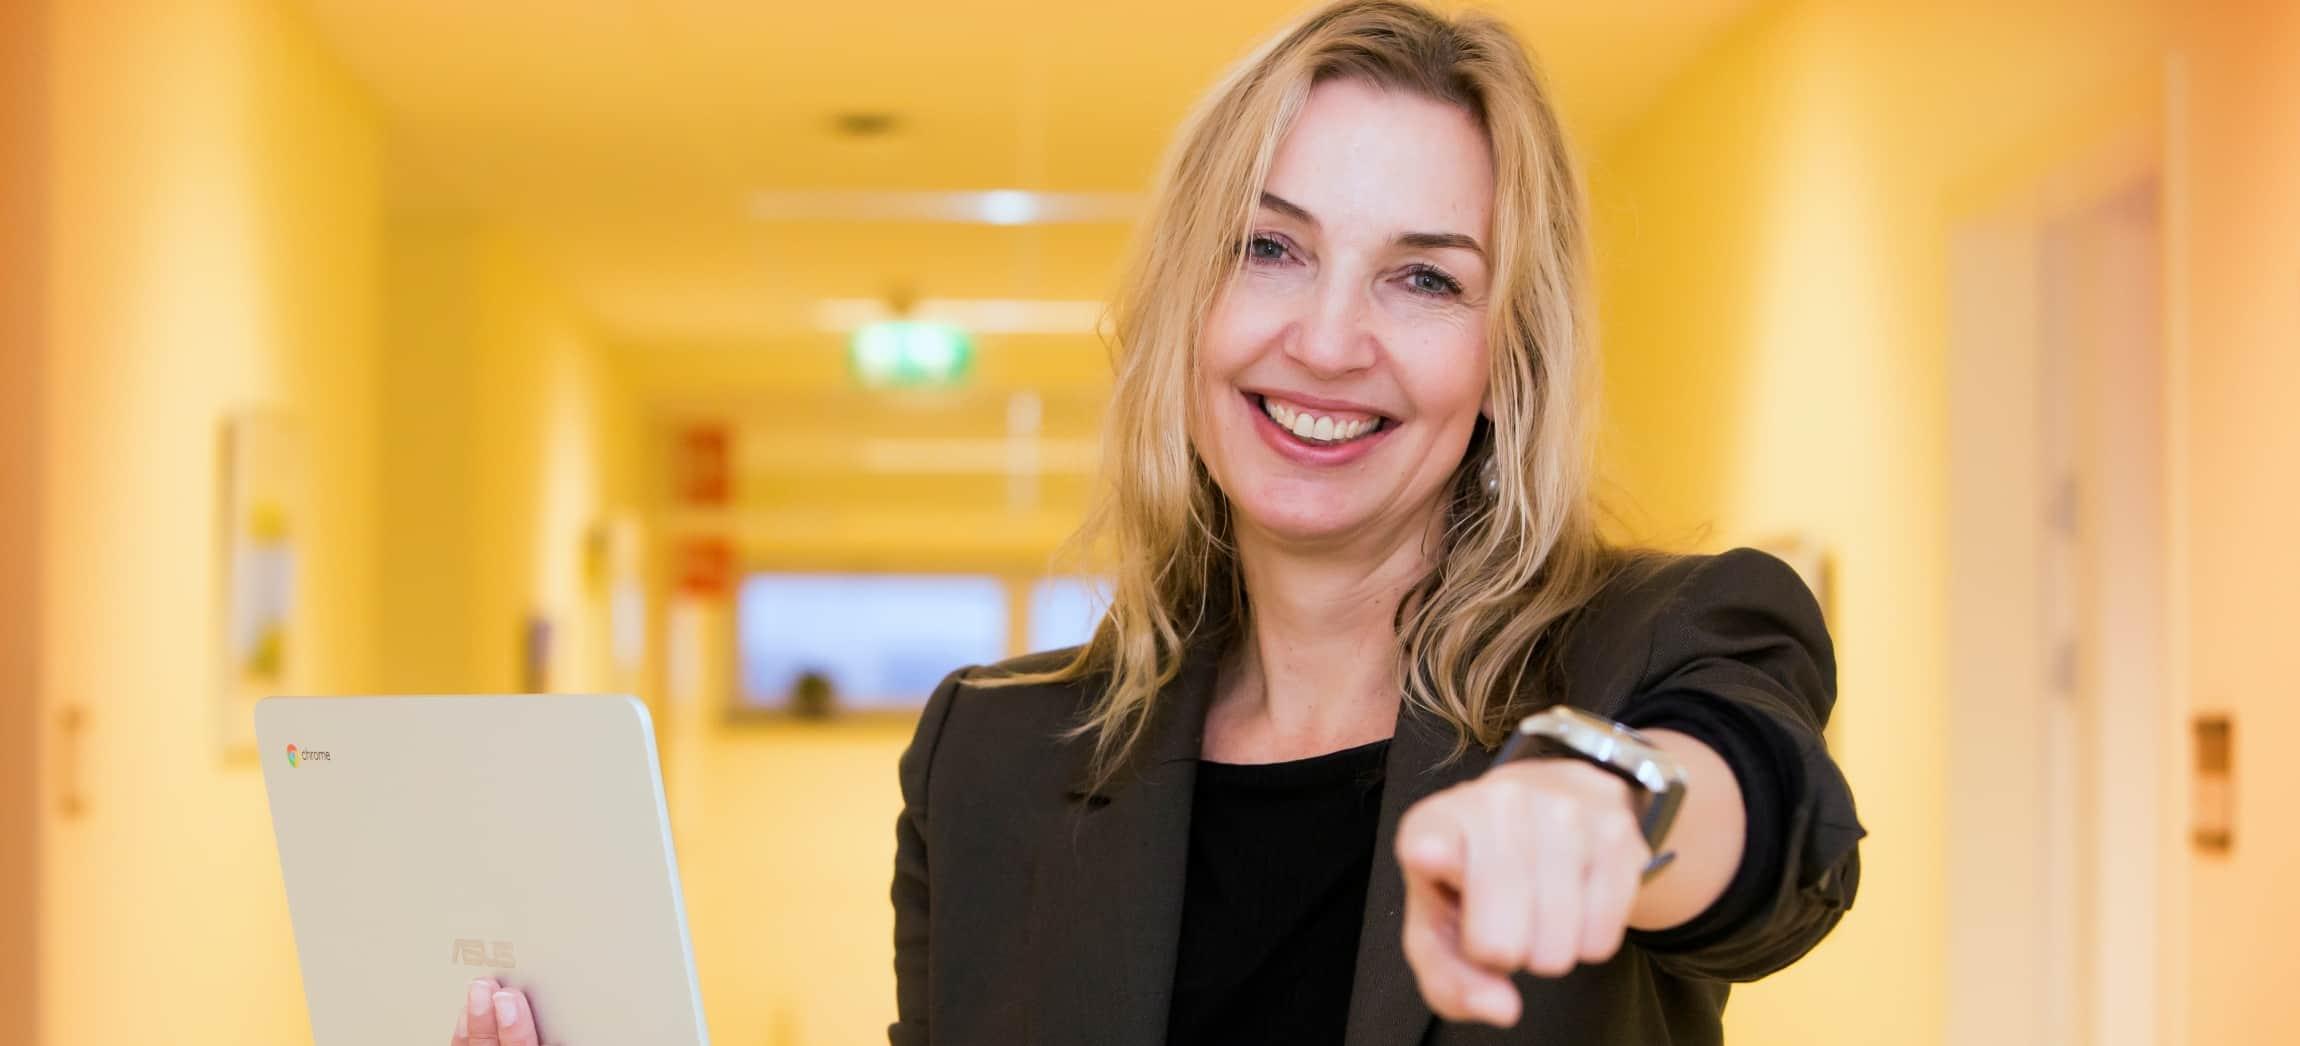 Vrouw met blonde haren in zwart colbertjasje houdt Chromebook vast en wijst naar de camera in gele gang